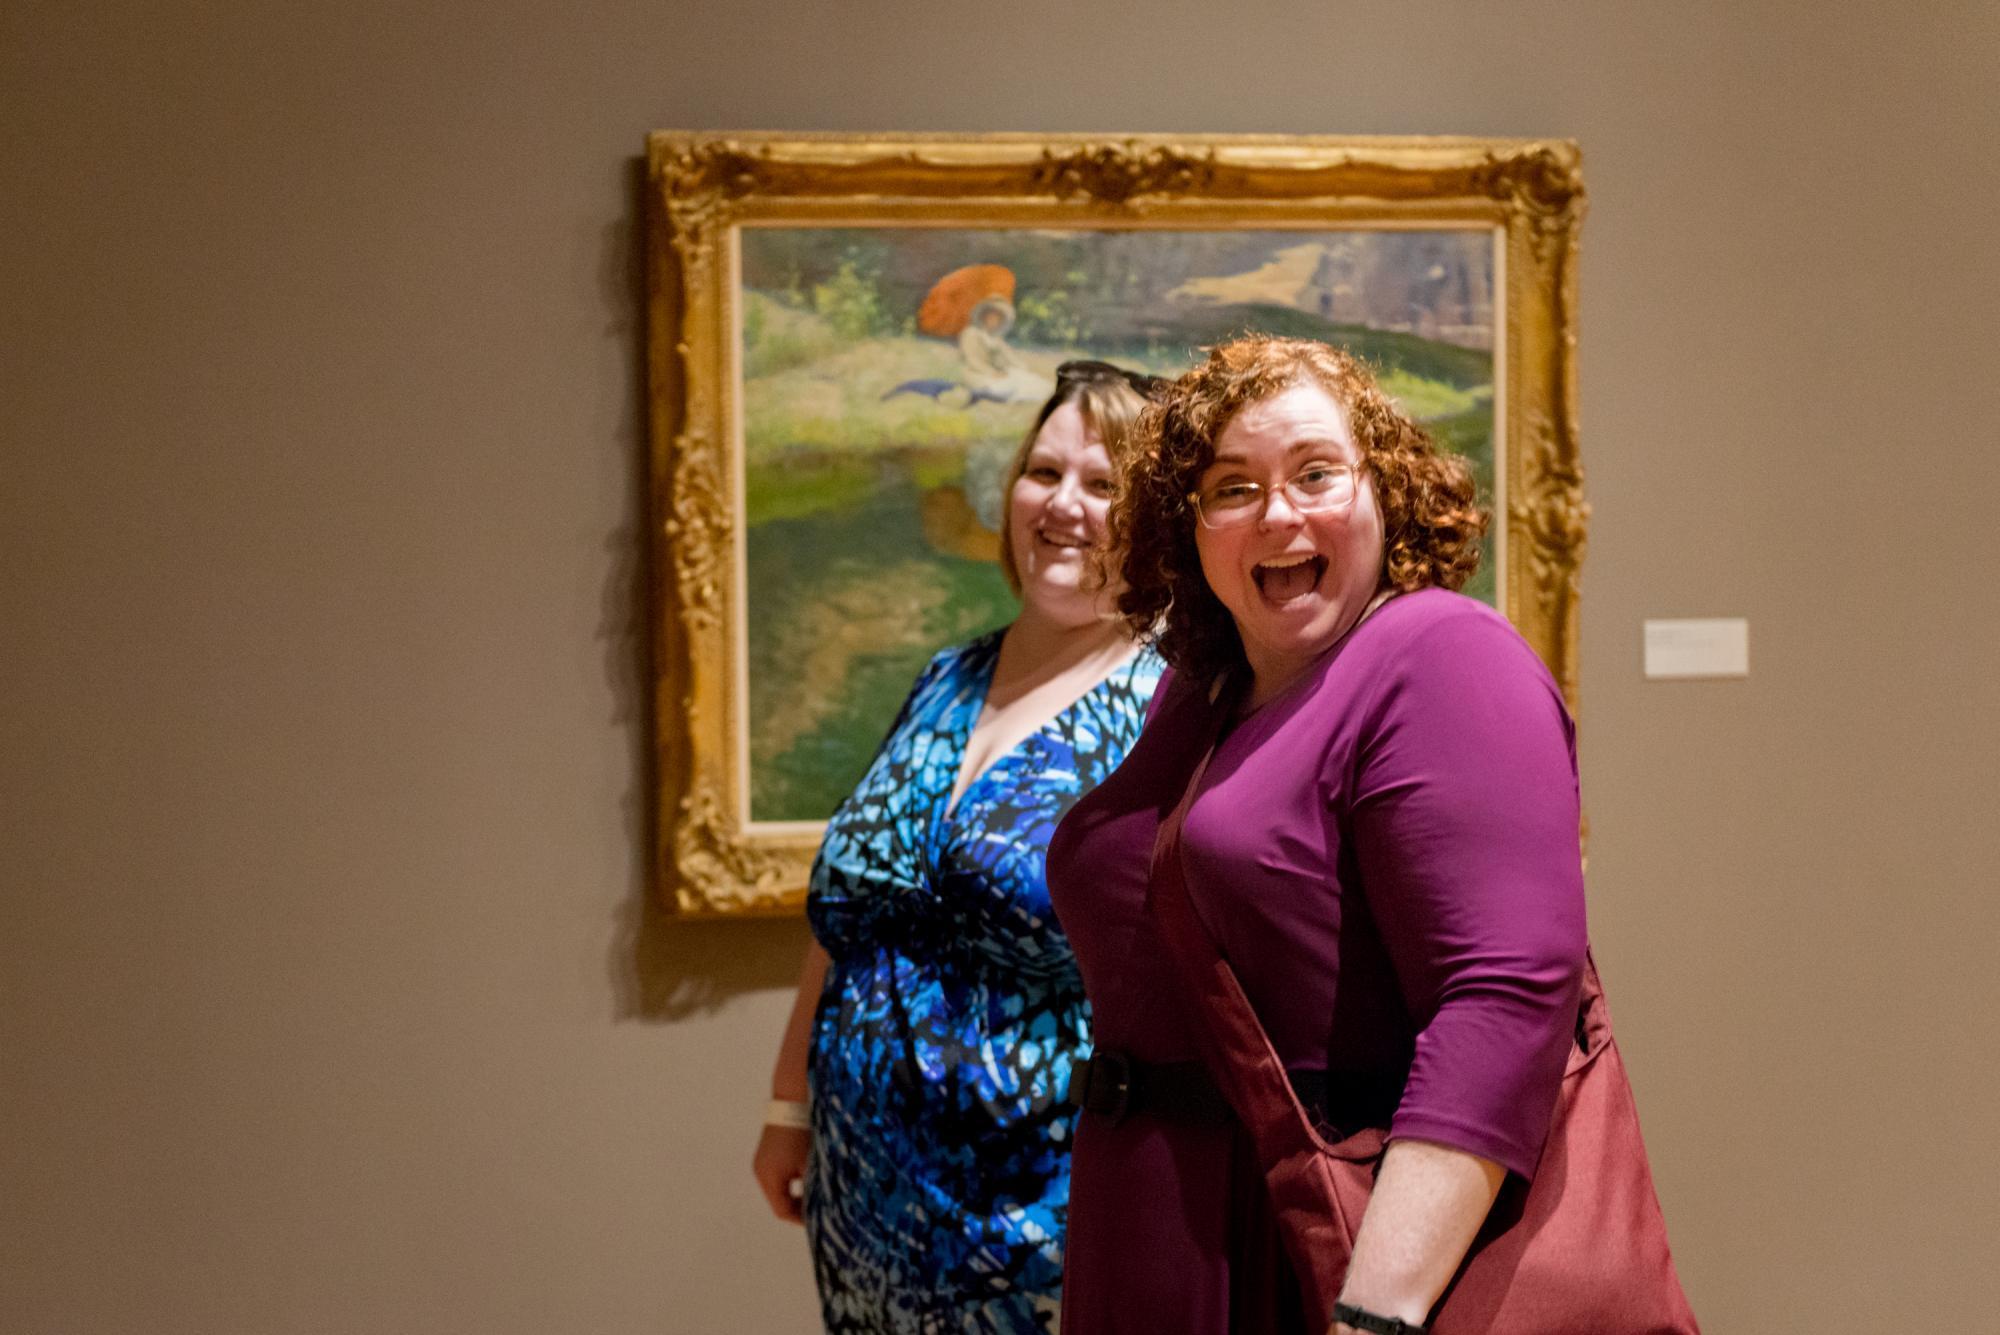 Friends viewing art